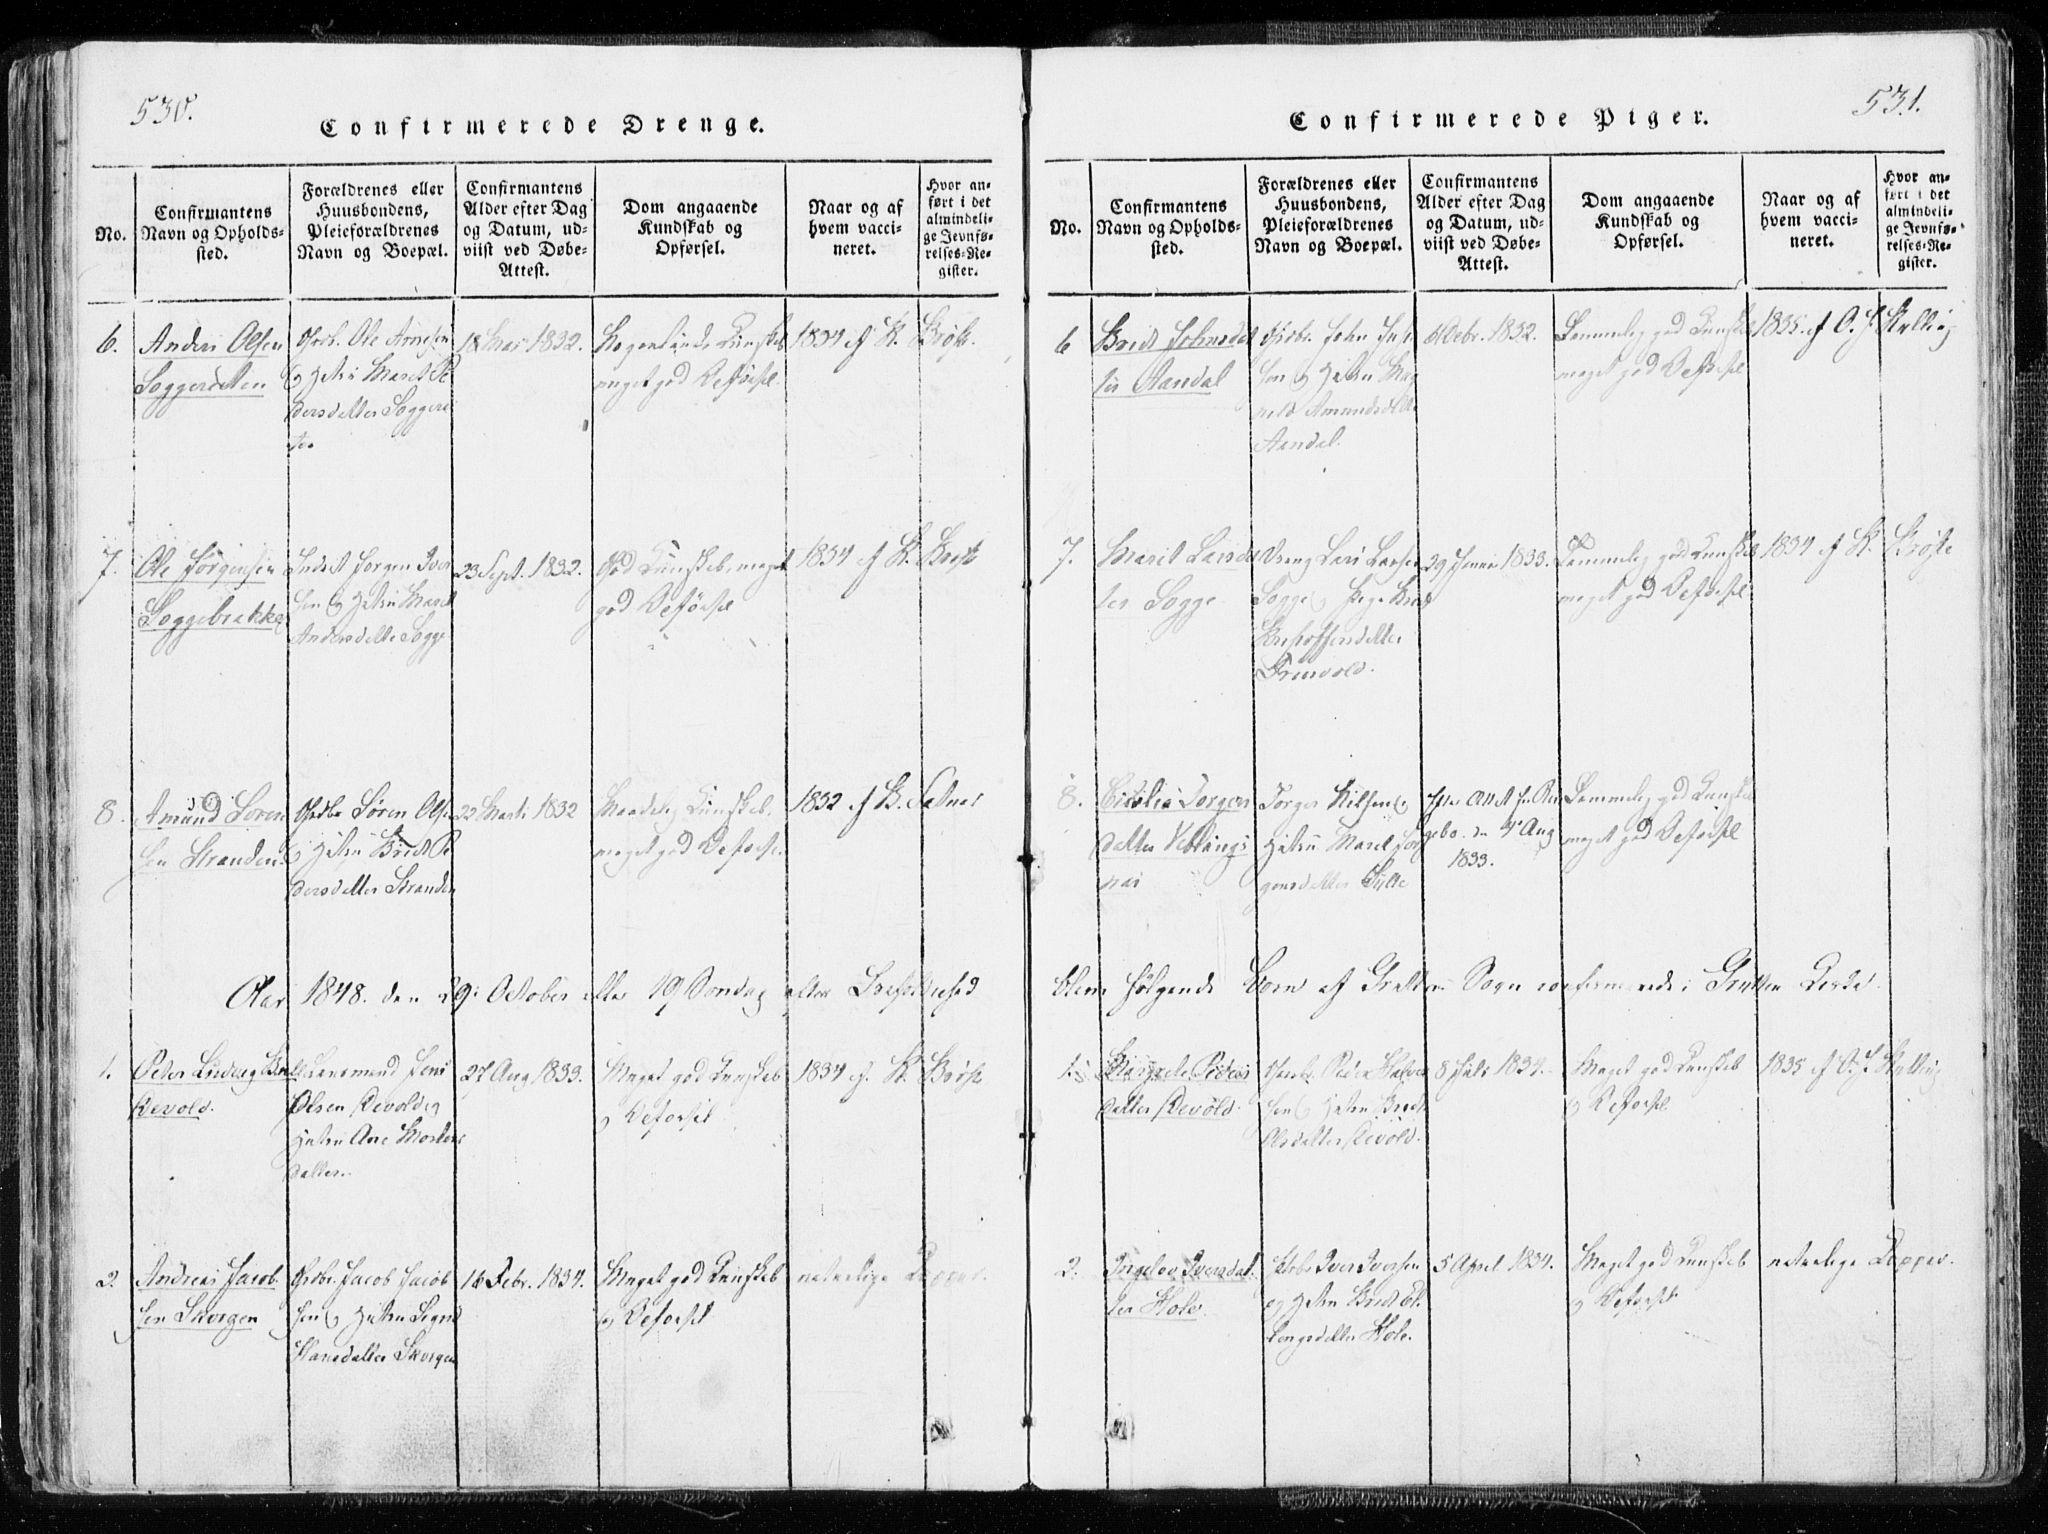 SAT, Ministerialprotokoller, klokkerbøker og fødselsregistre - Møre og Romsdal, 544/L0571: Ministerialbok nr. 544A04, 1818-1853, s. 530-531